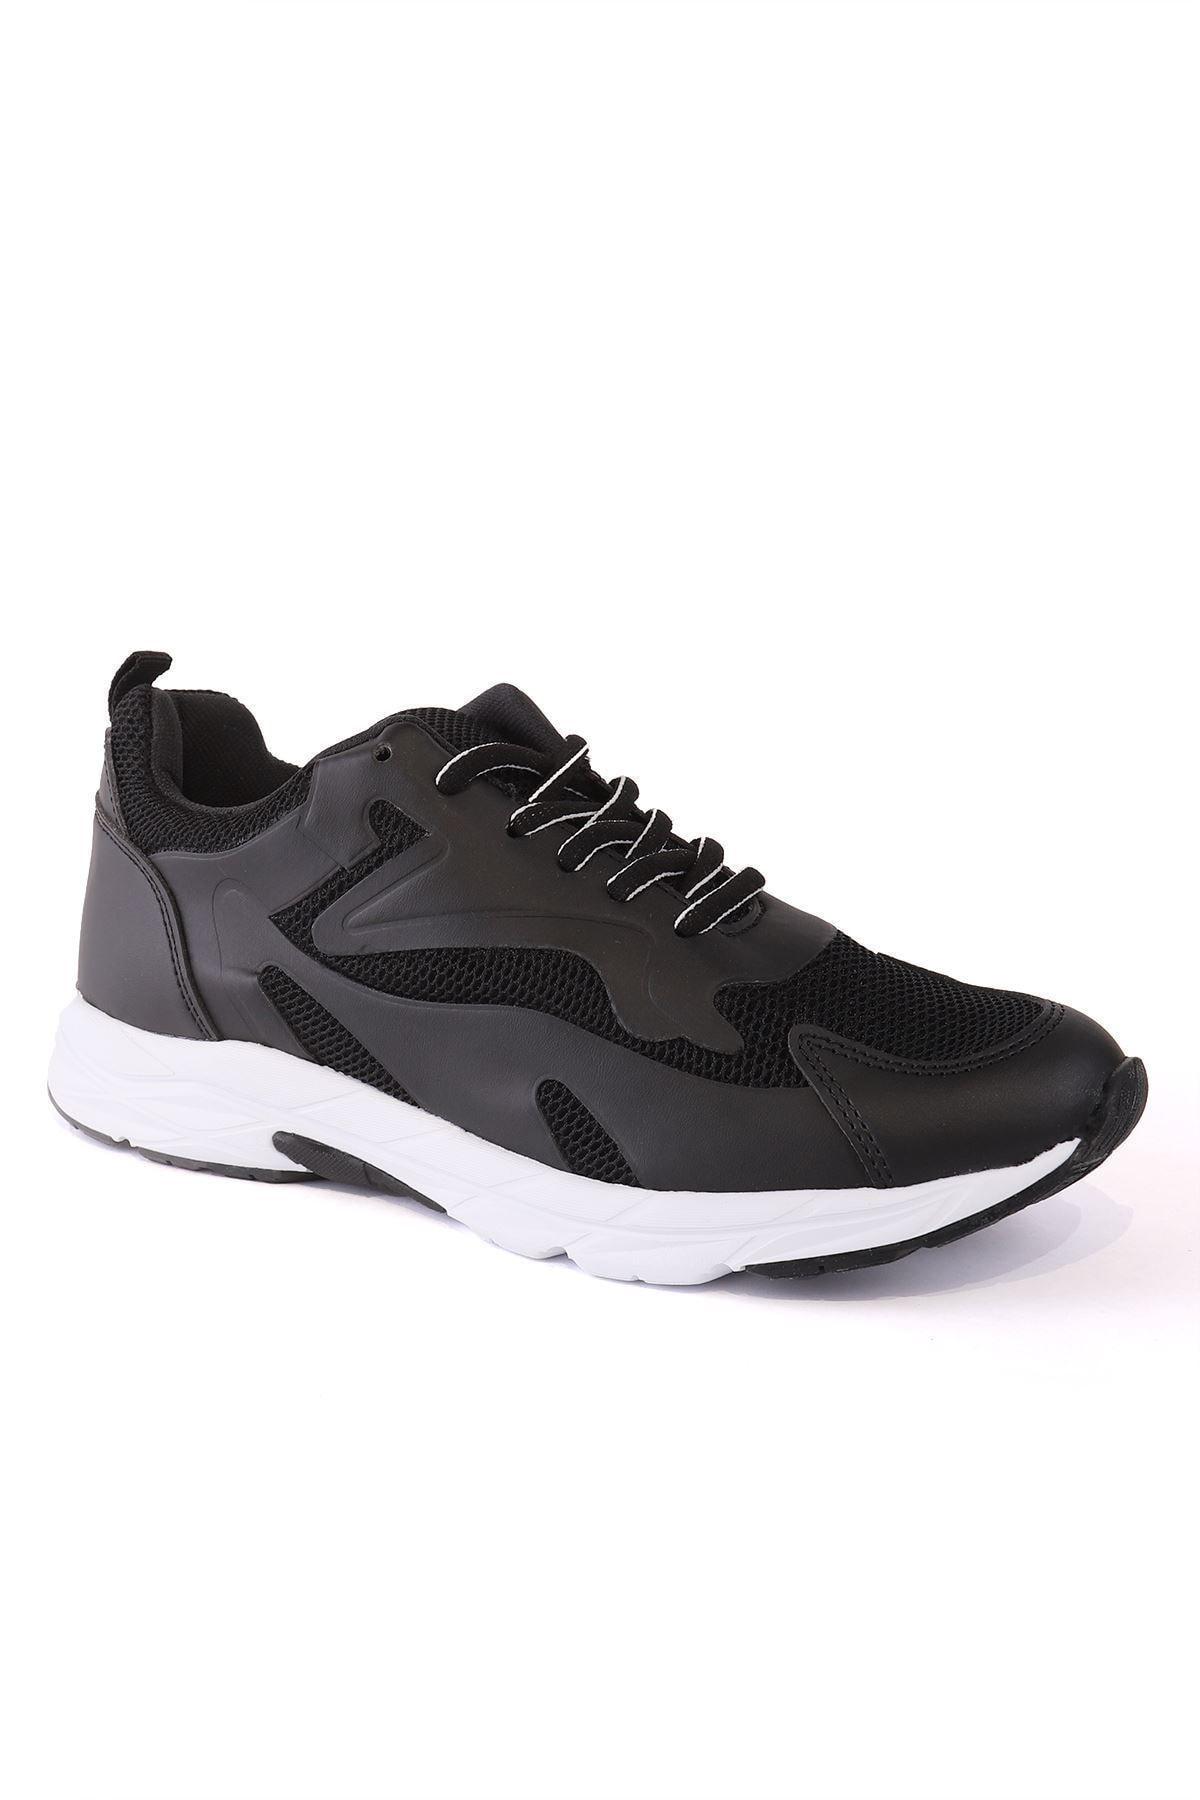 LETOON Kadın Casual Ayakkabı - WILMAZN 1